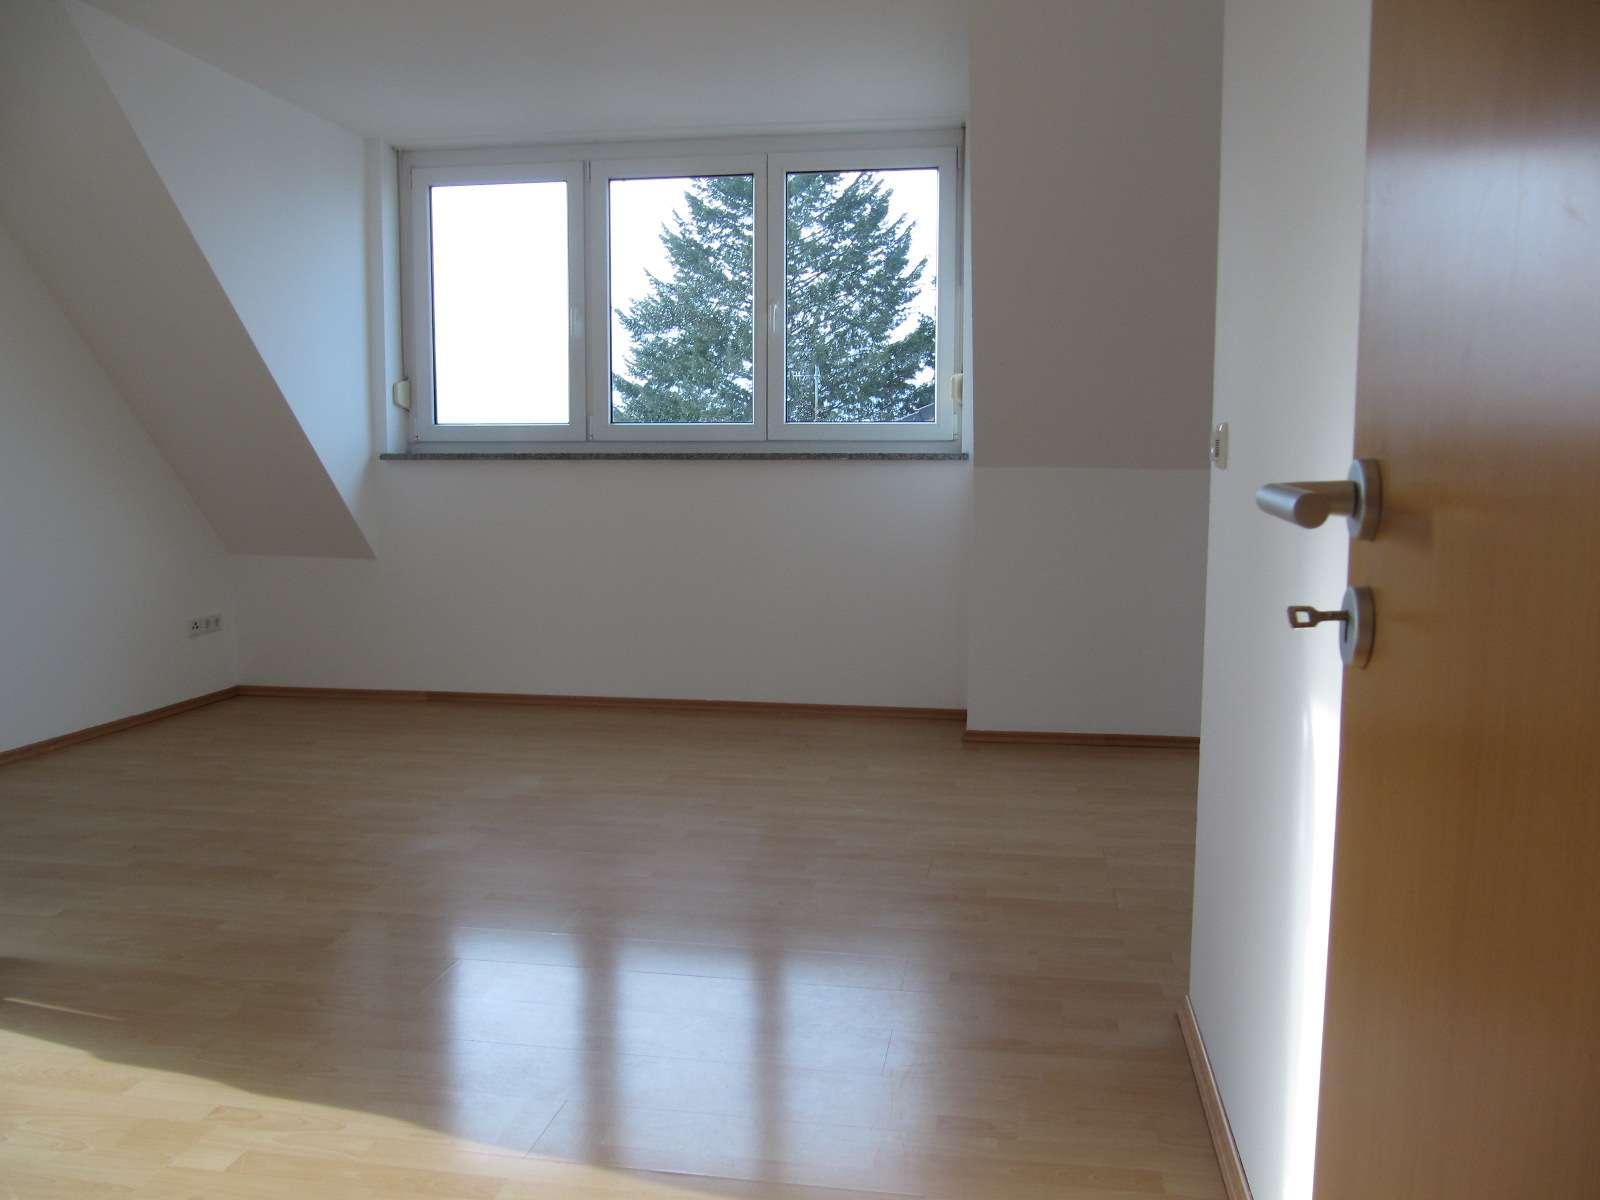 Fürth-Bislohe, 3-Zi.-DG-Whg. ca. 70 qm, Laminat, Balkon, im 2. und letzten OG in Sack / Braunsbach / Bislohe / Steinach (Fürth)